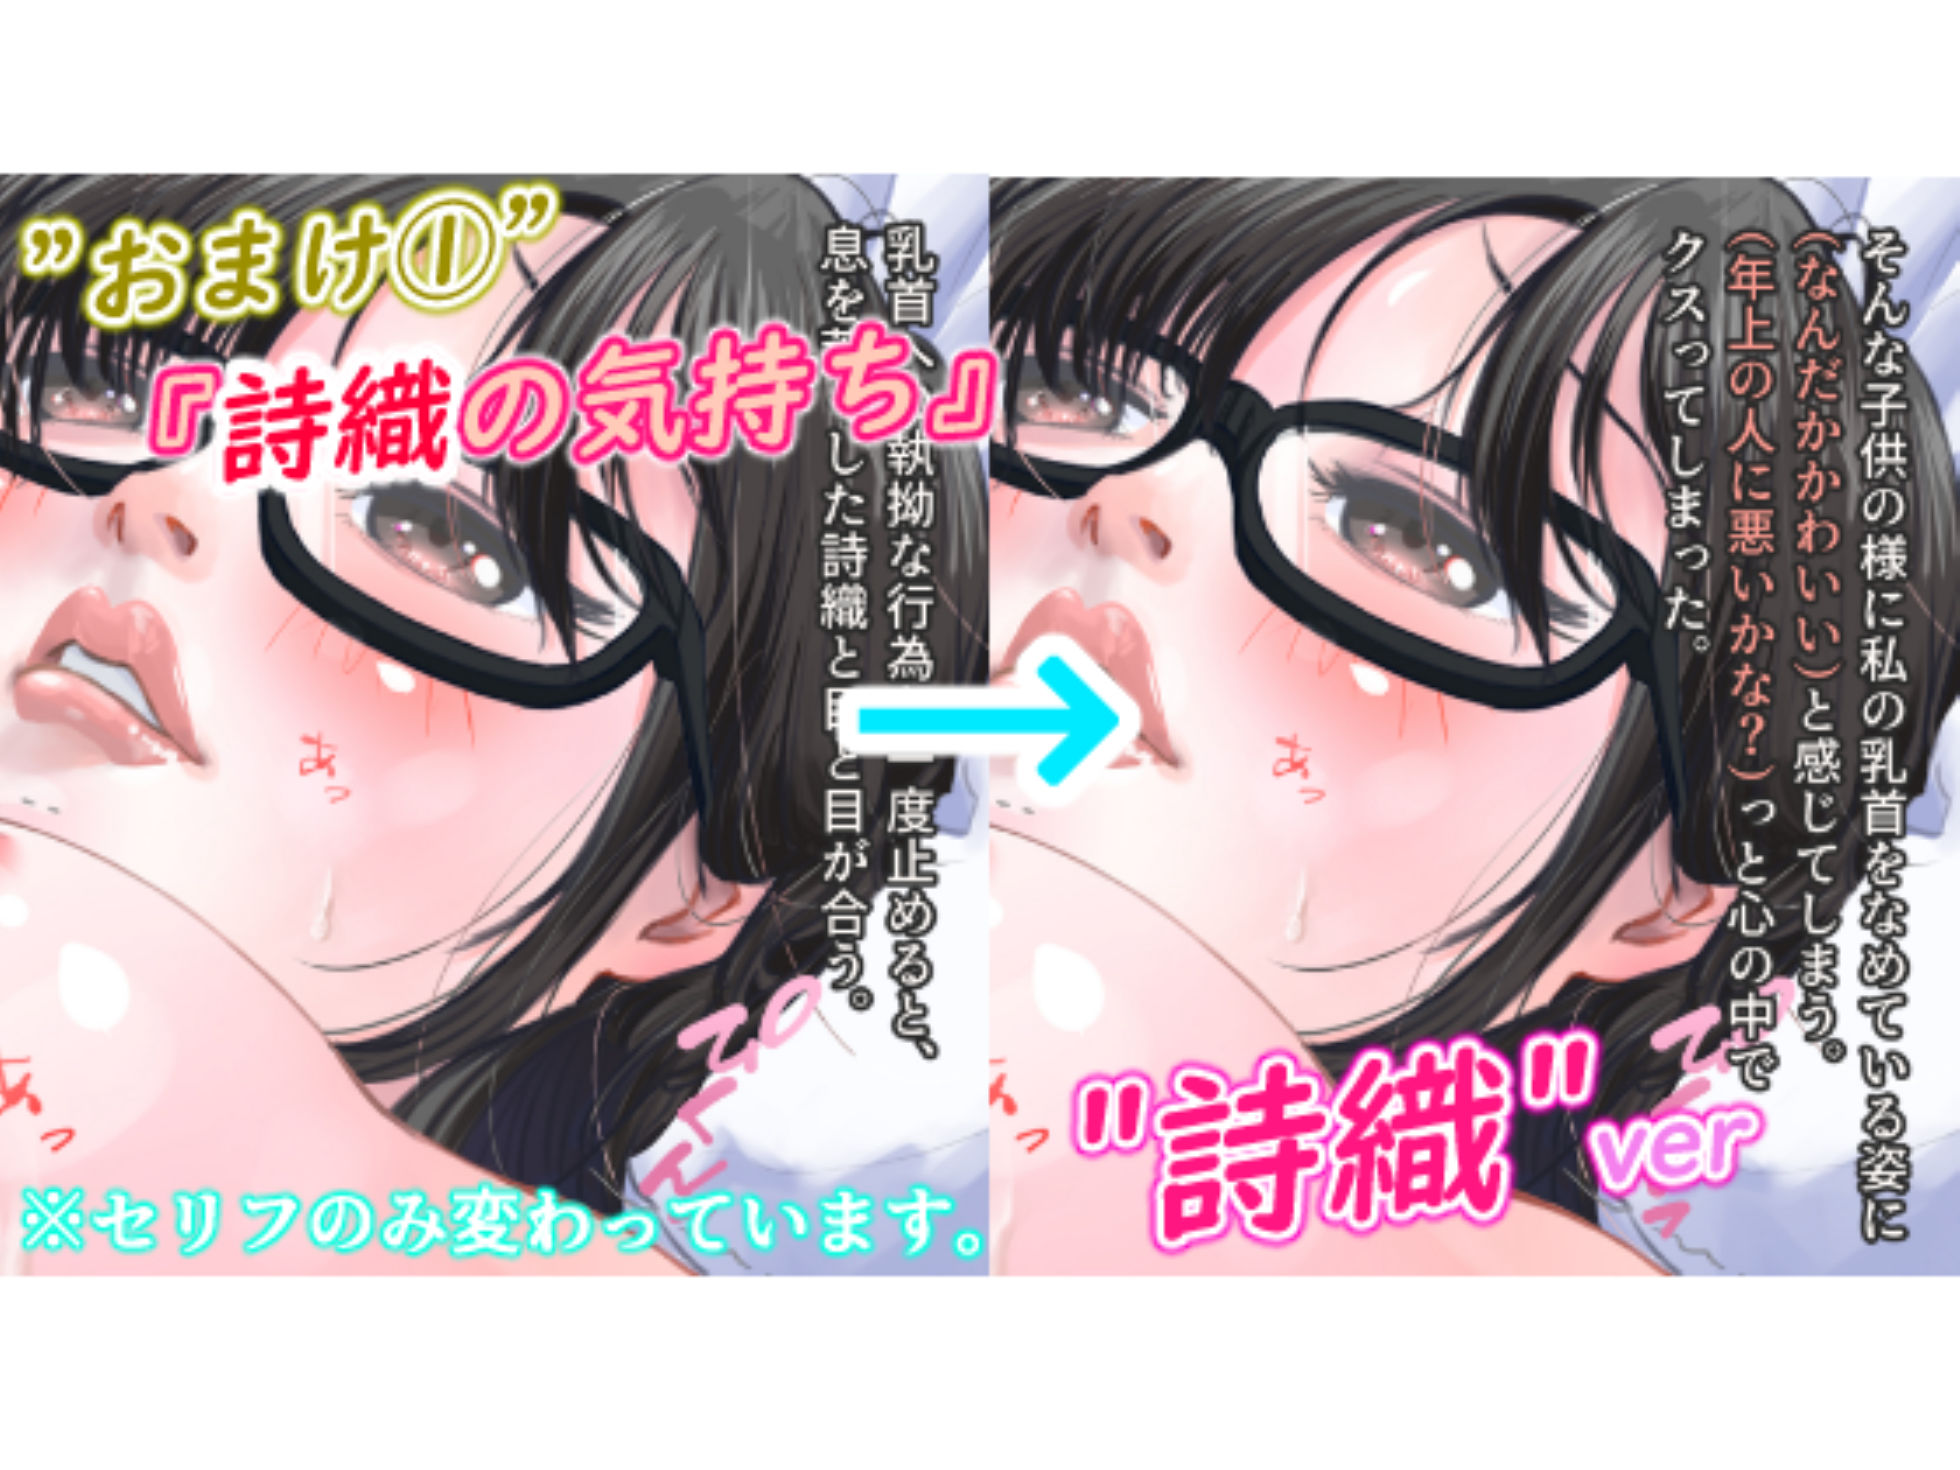 リリイベで偶然隣になった眼鏡の女の子〜ムッチムチな女オタと初エッチ〜